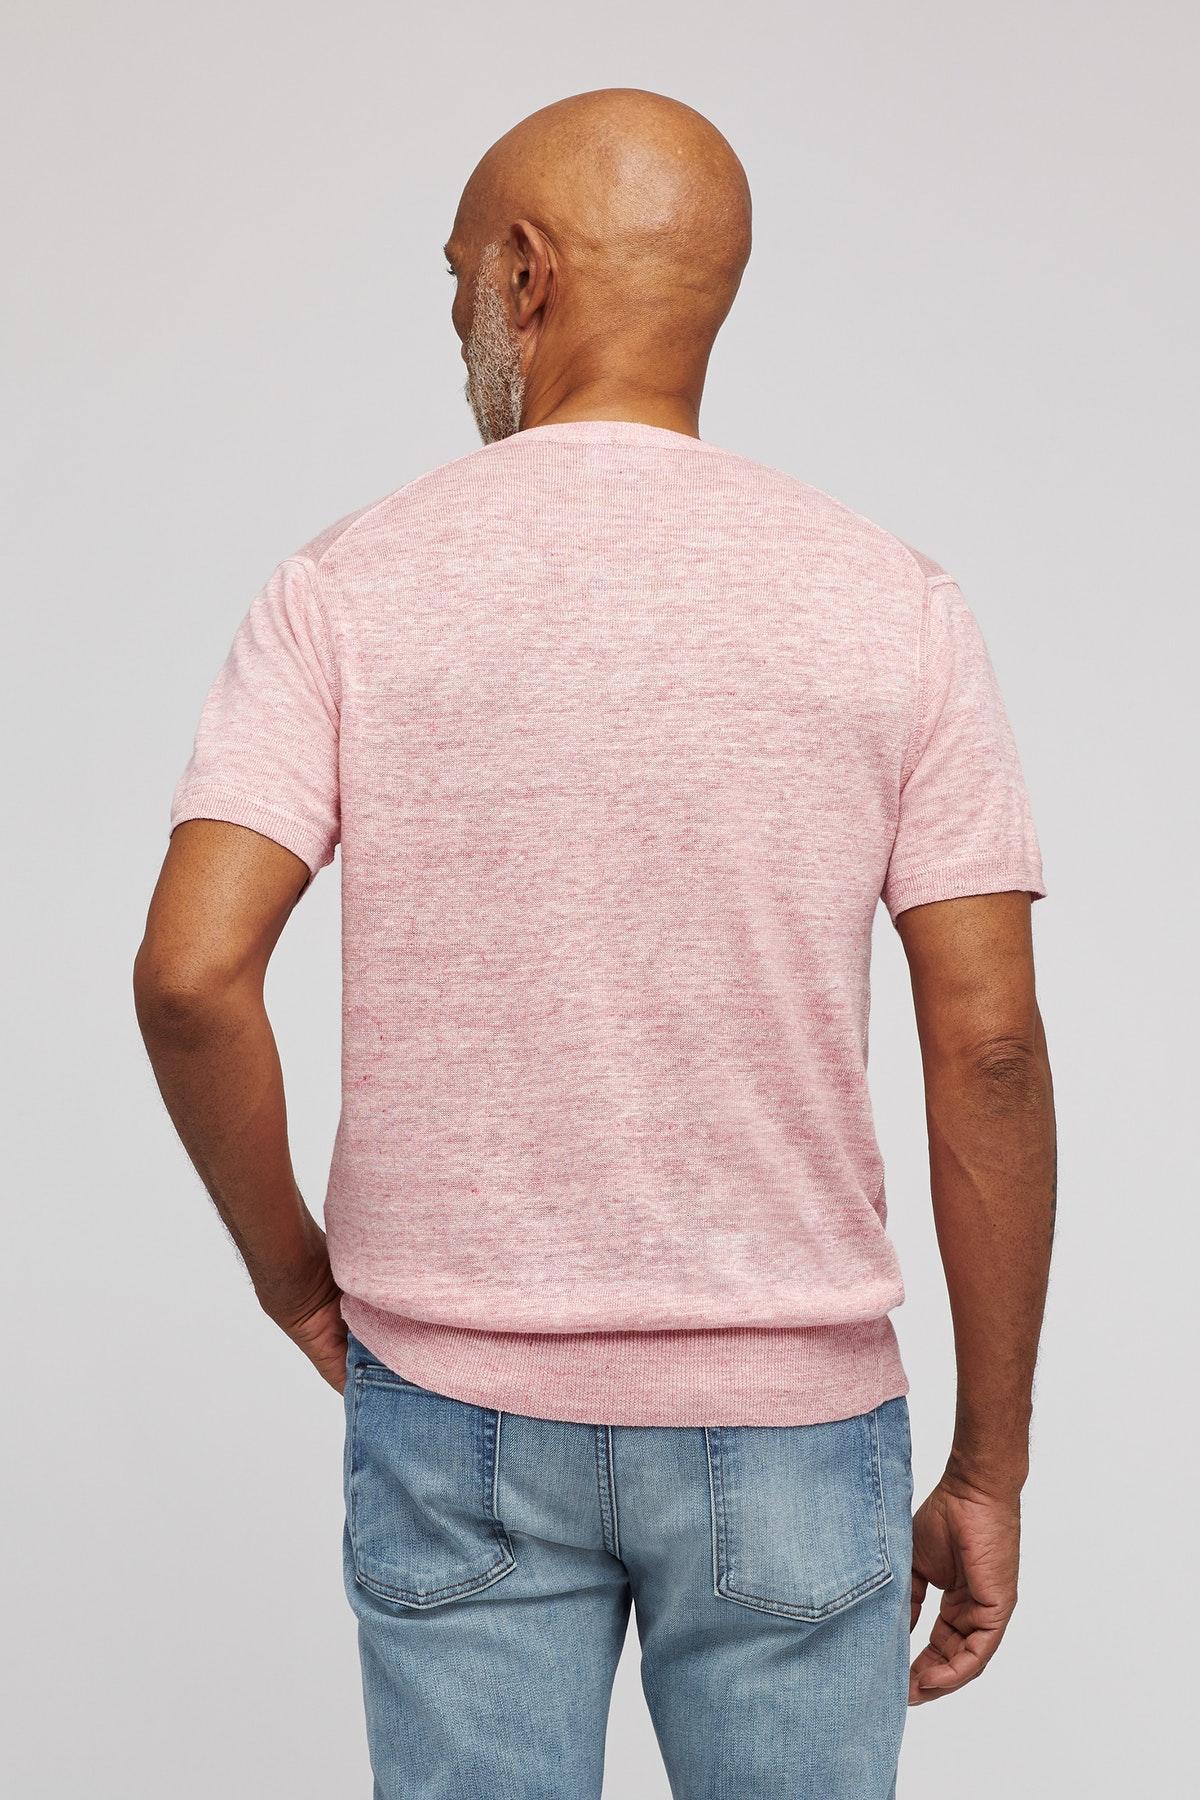 a7ecc616 Bonobos - Pink Short Sleeve Linen Henley for Men - Lyst. View fullscreen